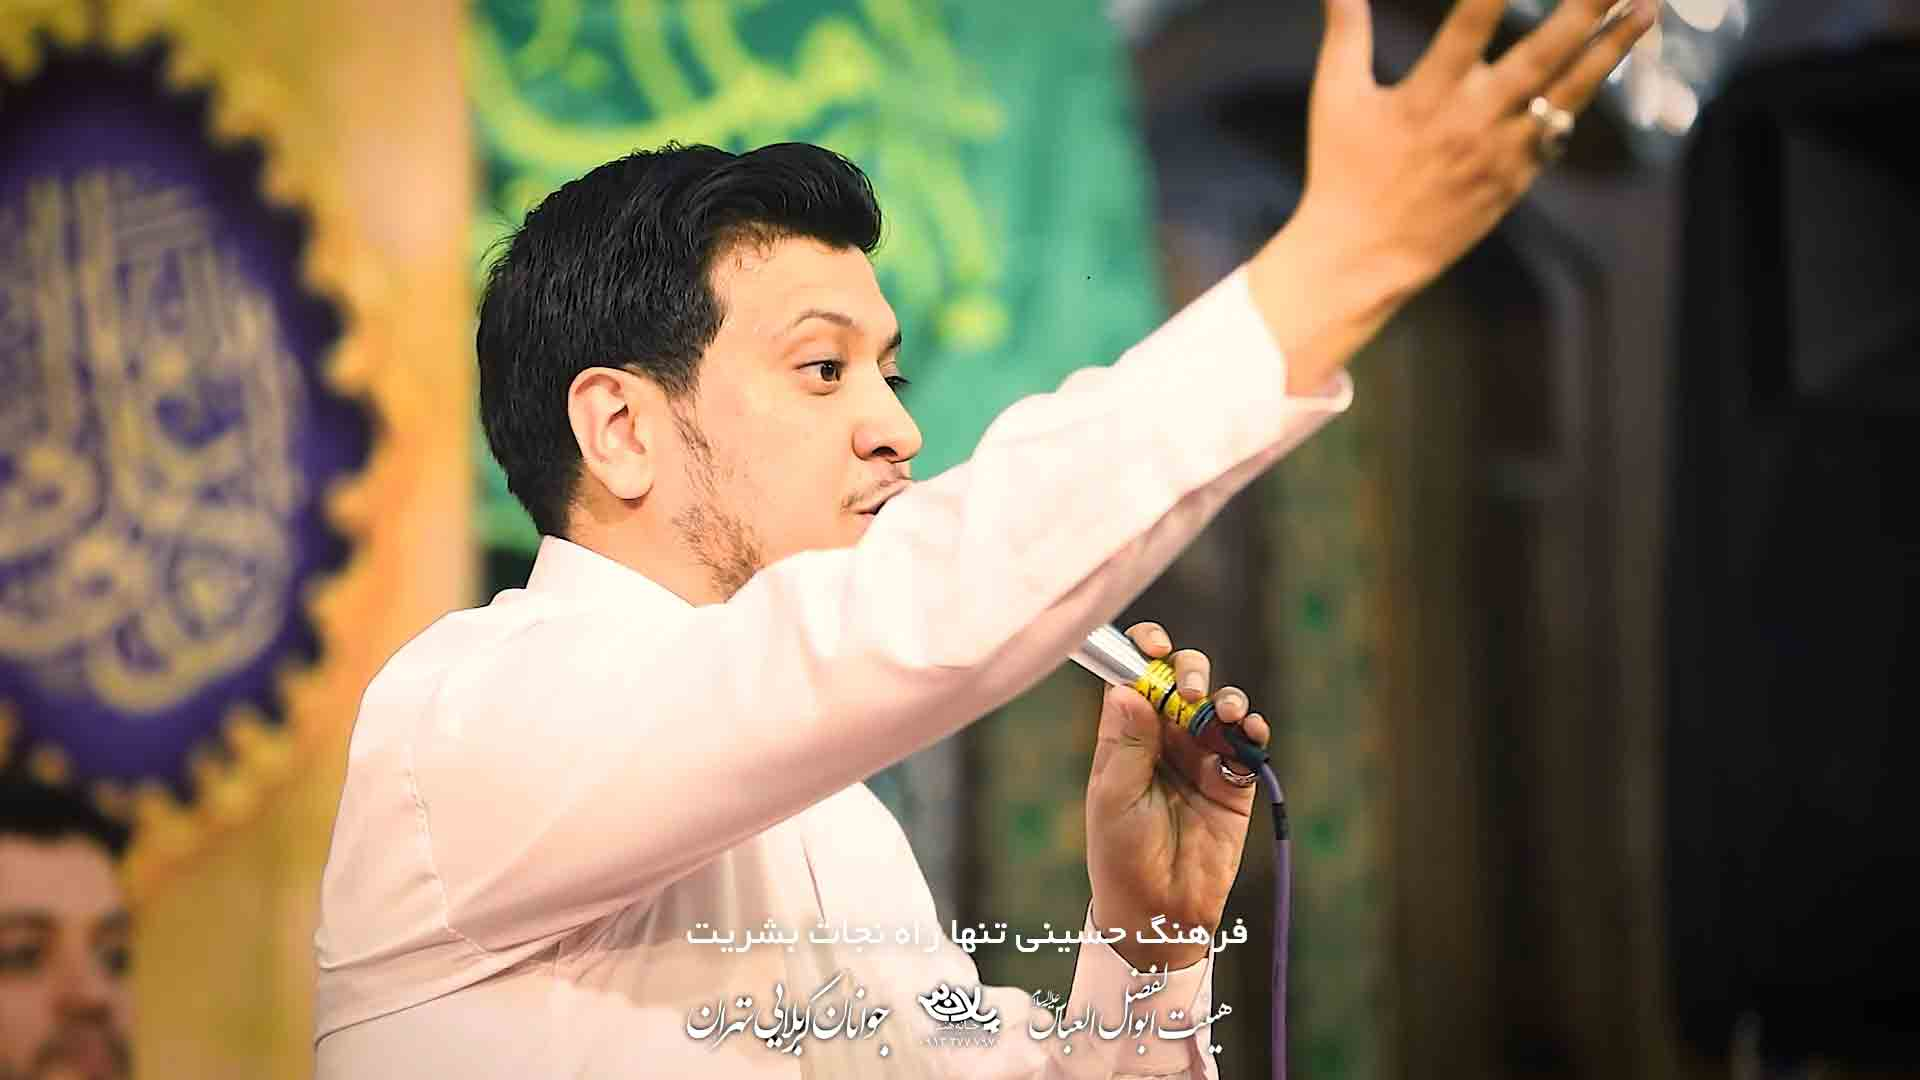 محتاج دعای علی محمدرضا ناصری